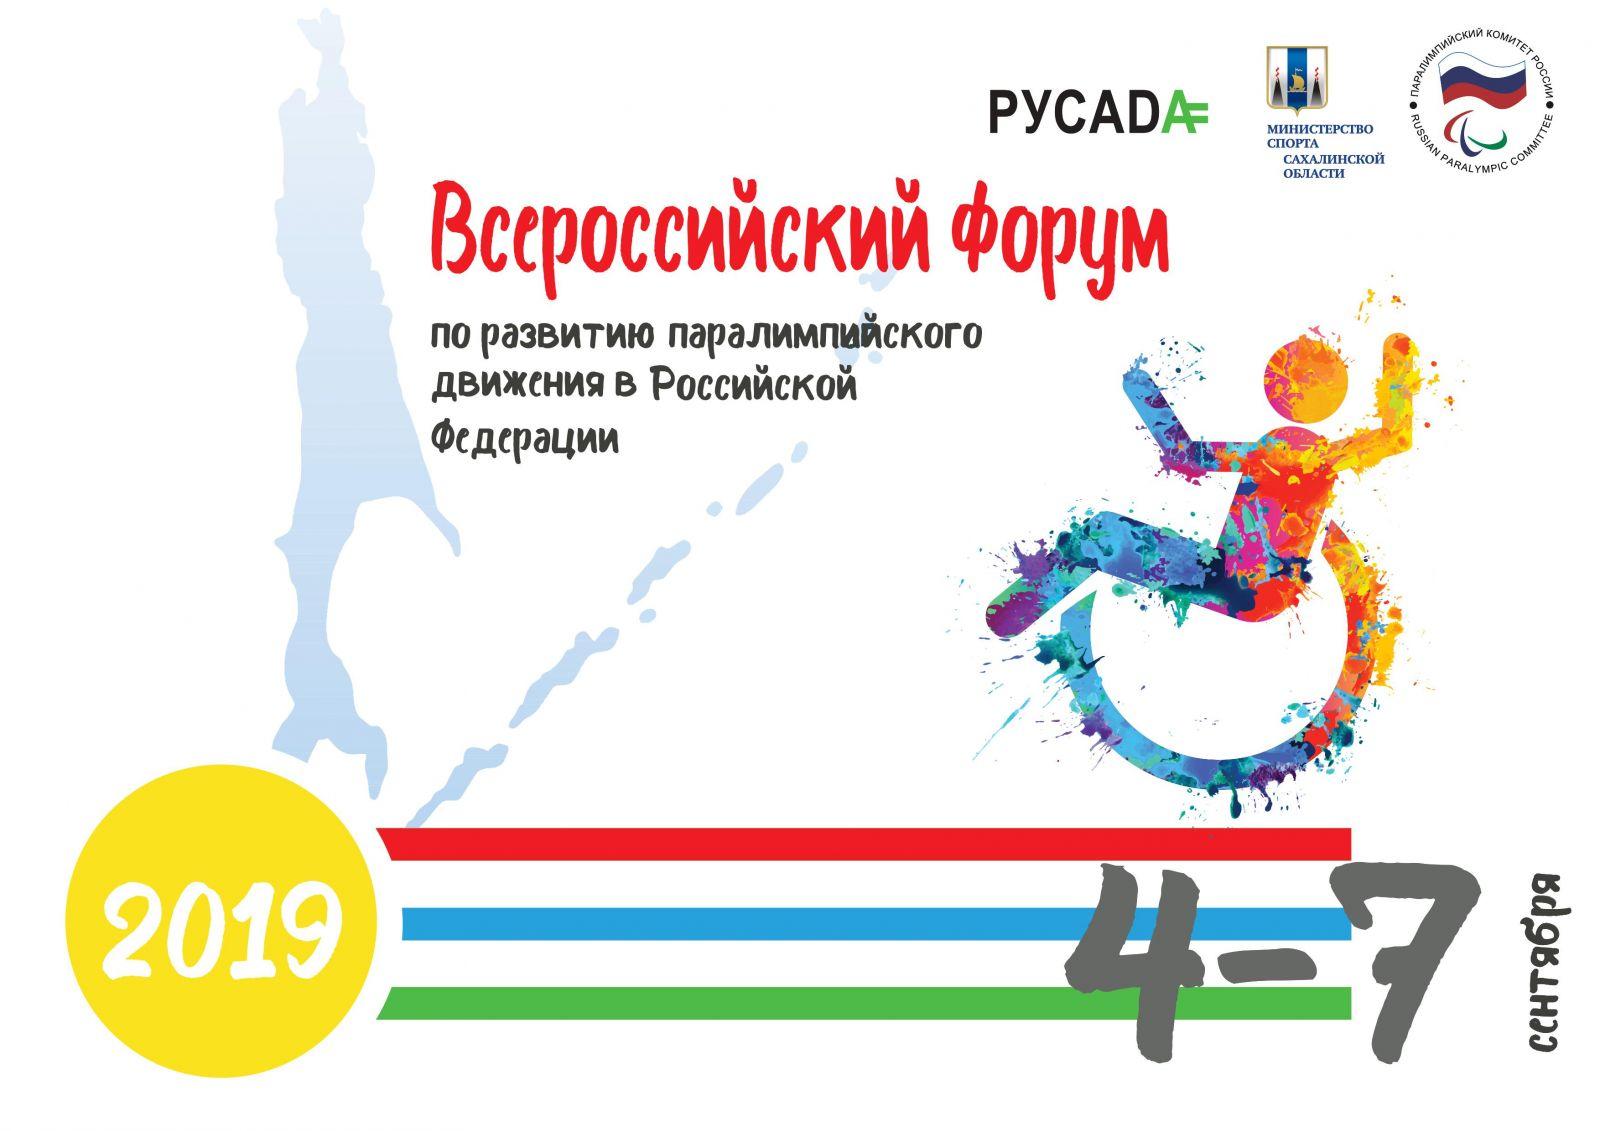 4-7 сентября 2019 года в г. Южно-Сахалинск ПКР, Минспорт Сахалинской области совместно с РАА «РУСАДА» проведут Всероссийский форум по развитию паралимпийского движения в Российской Федерации